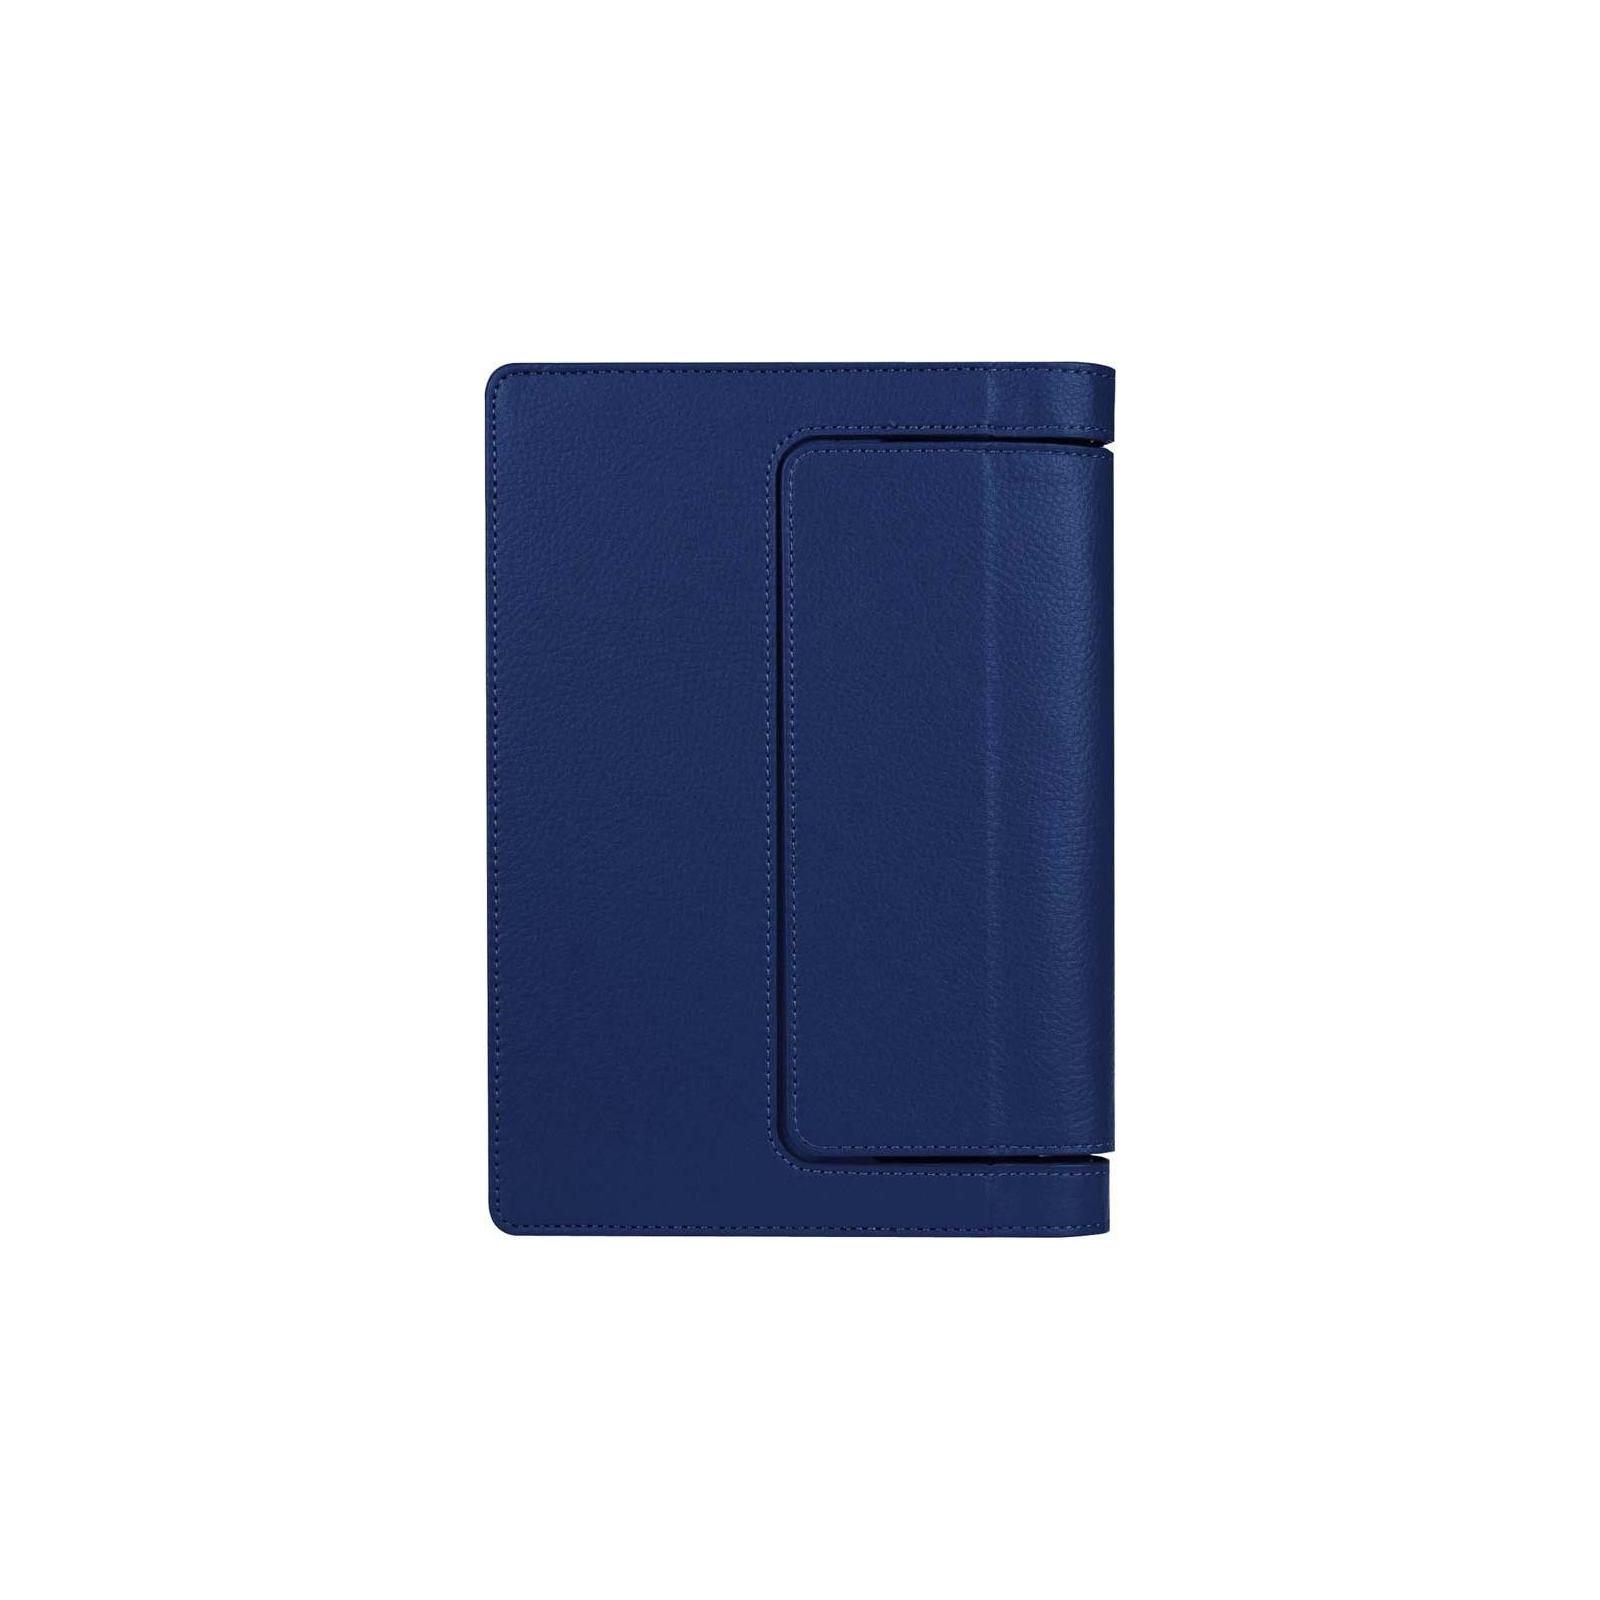 Чехол для планшета AirOn для Lenovo YOGA Tablet 3 8'' blue (4822352770303) изображение 2